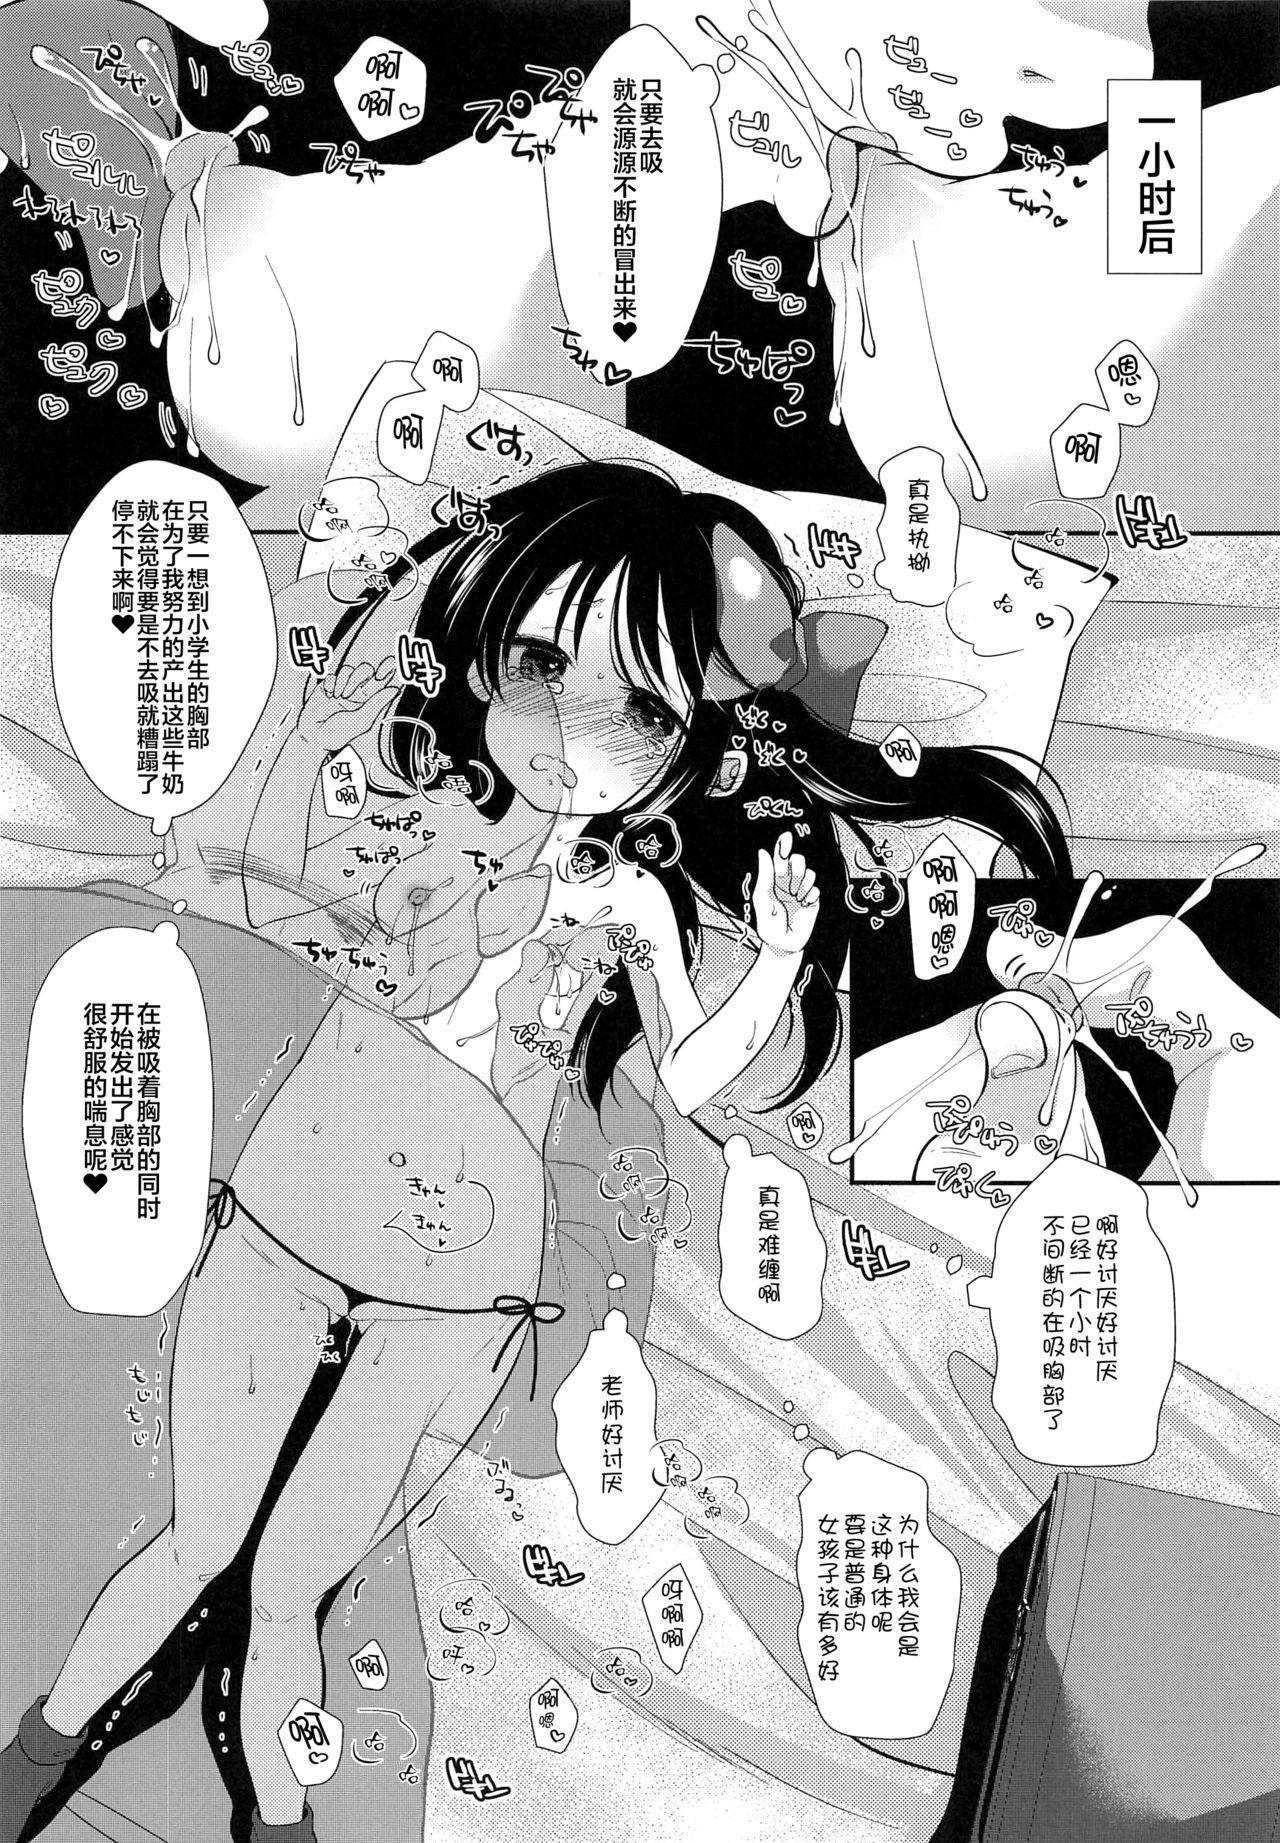 Yumemiya Nene wa Ochikobore no Succubus 7